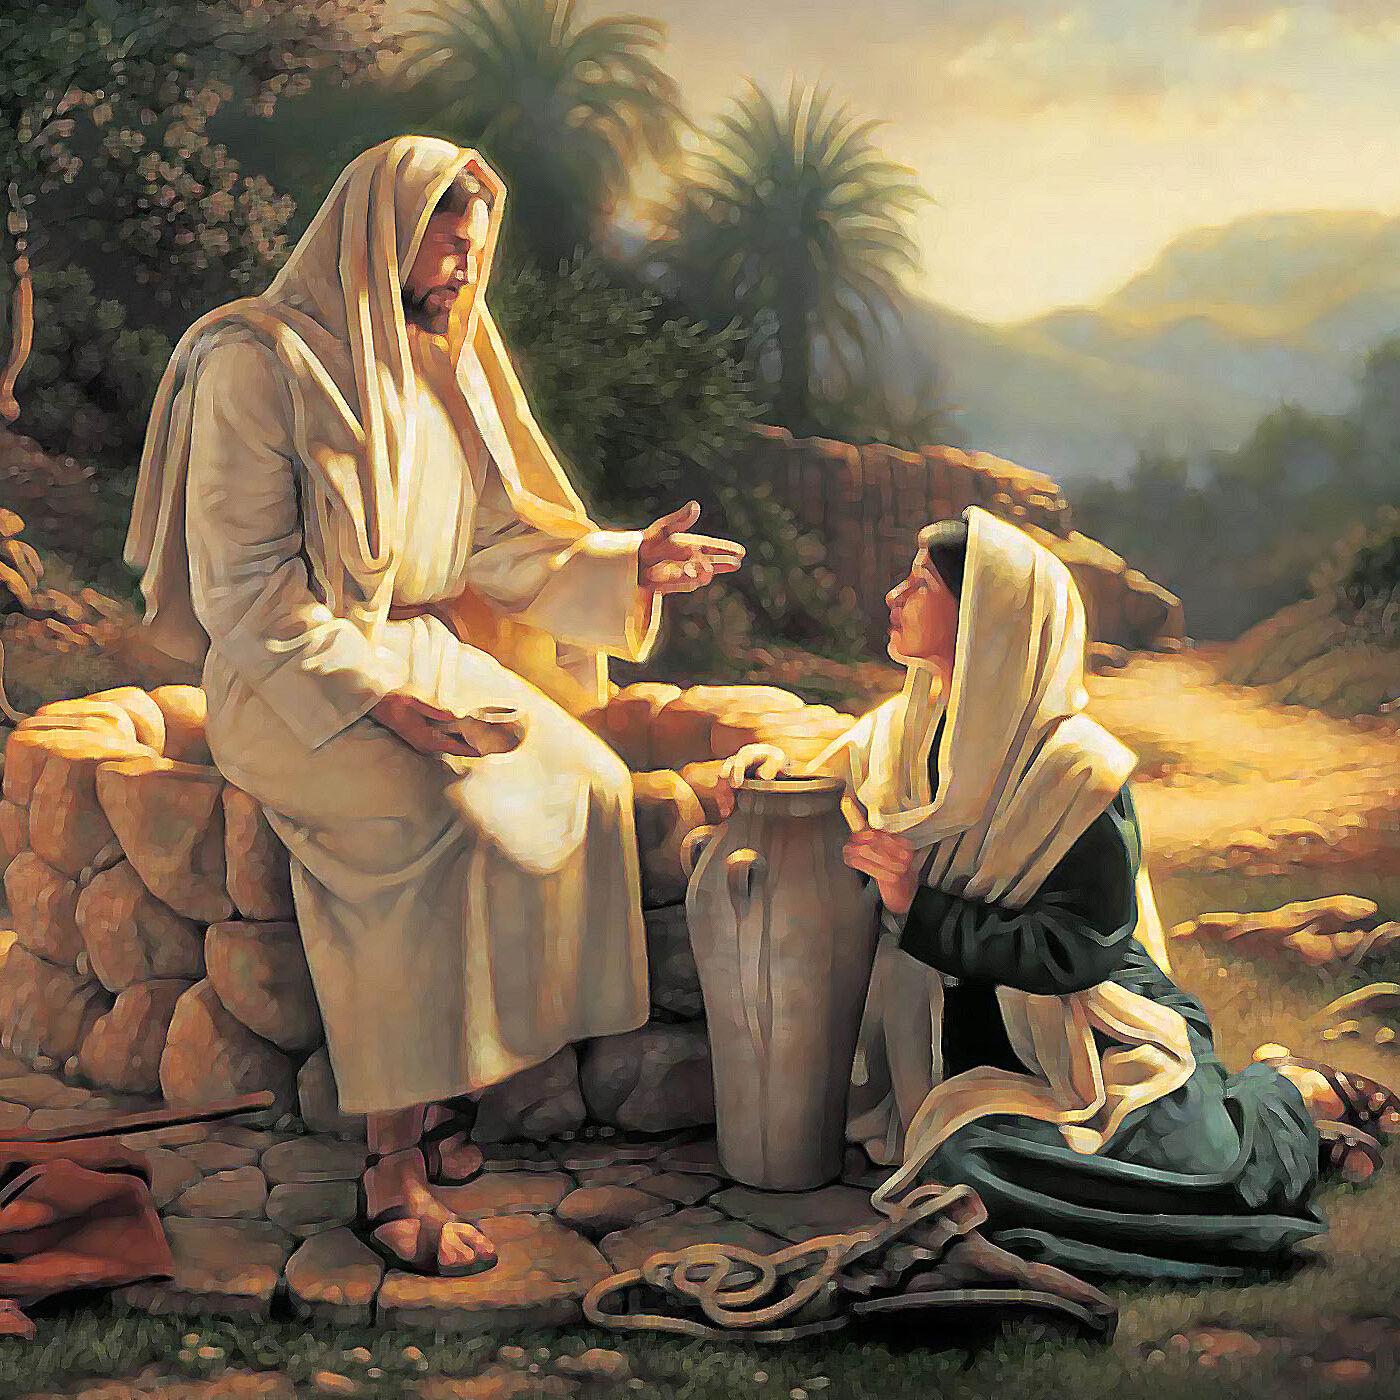 riflessioni sul Vangelo di Martedì 15 Giugno 2021 (Mt 5, 43-48) - Apostola Janel